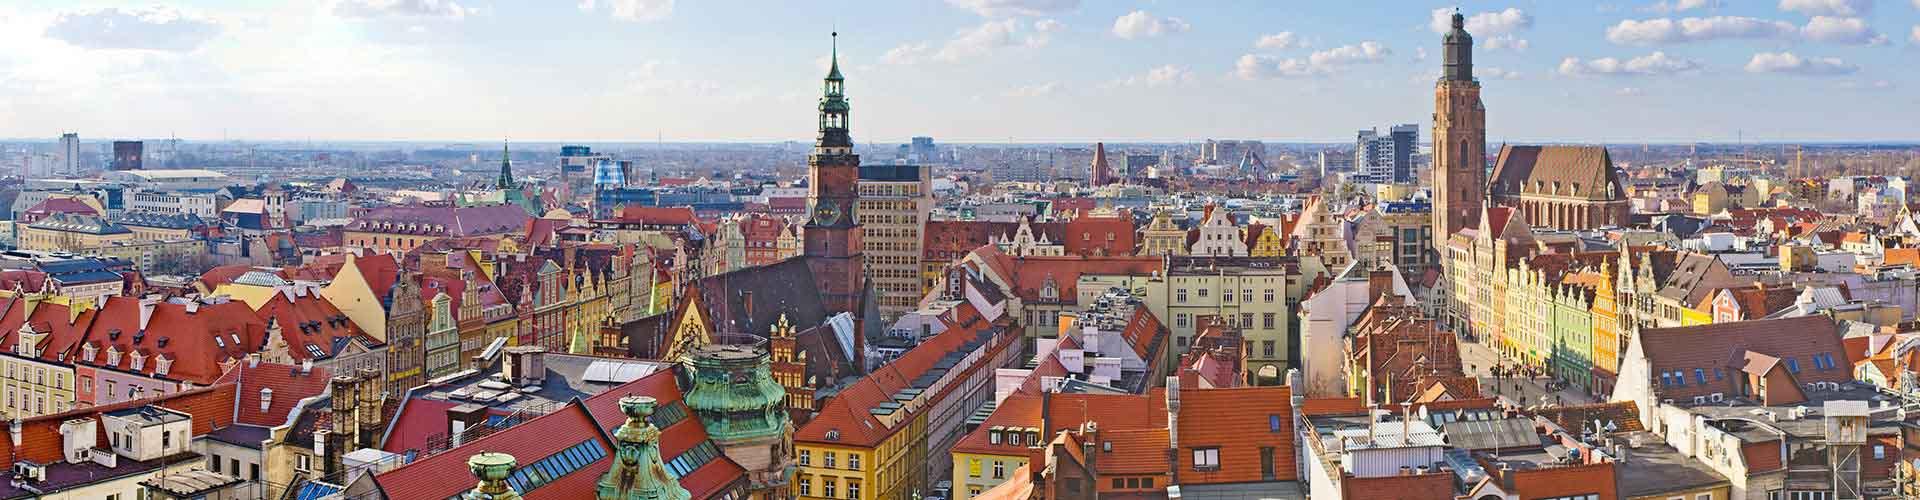 Wroclaw – Appartamenti a Wroclaw. Mappe per Wroclaw, Foto e  Recensioni per ogni Appartamento a Wroclaw.